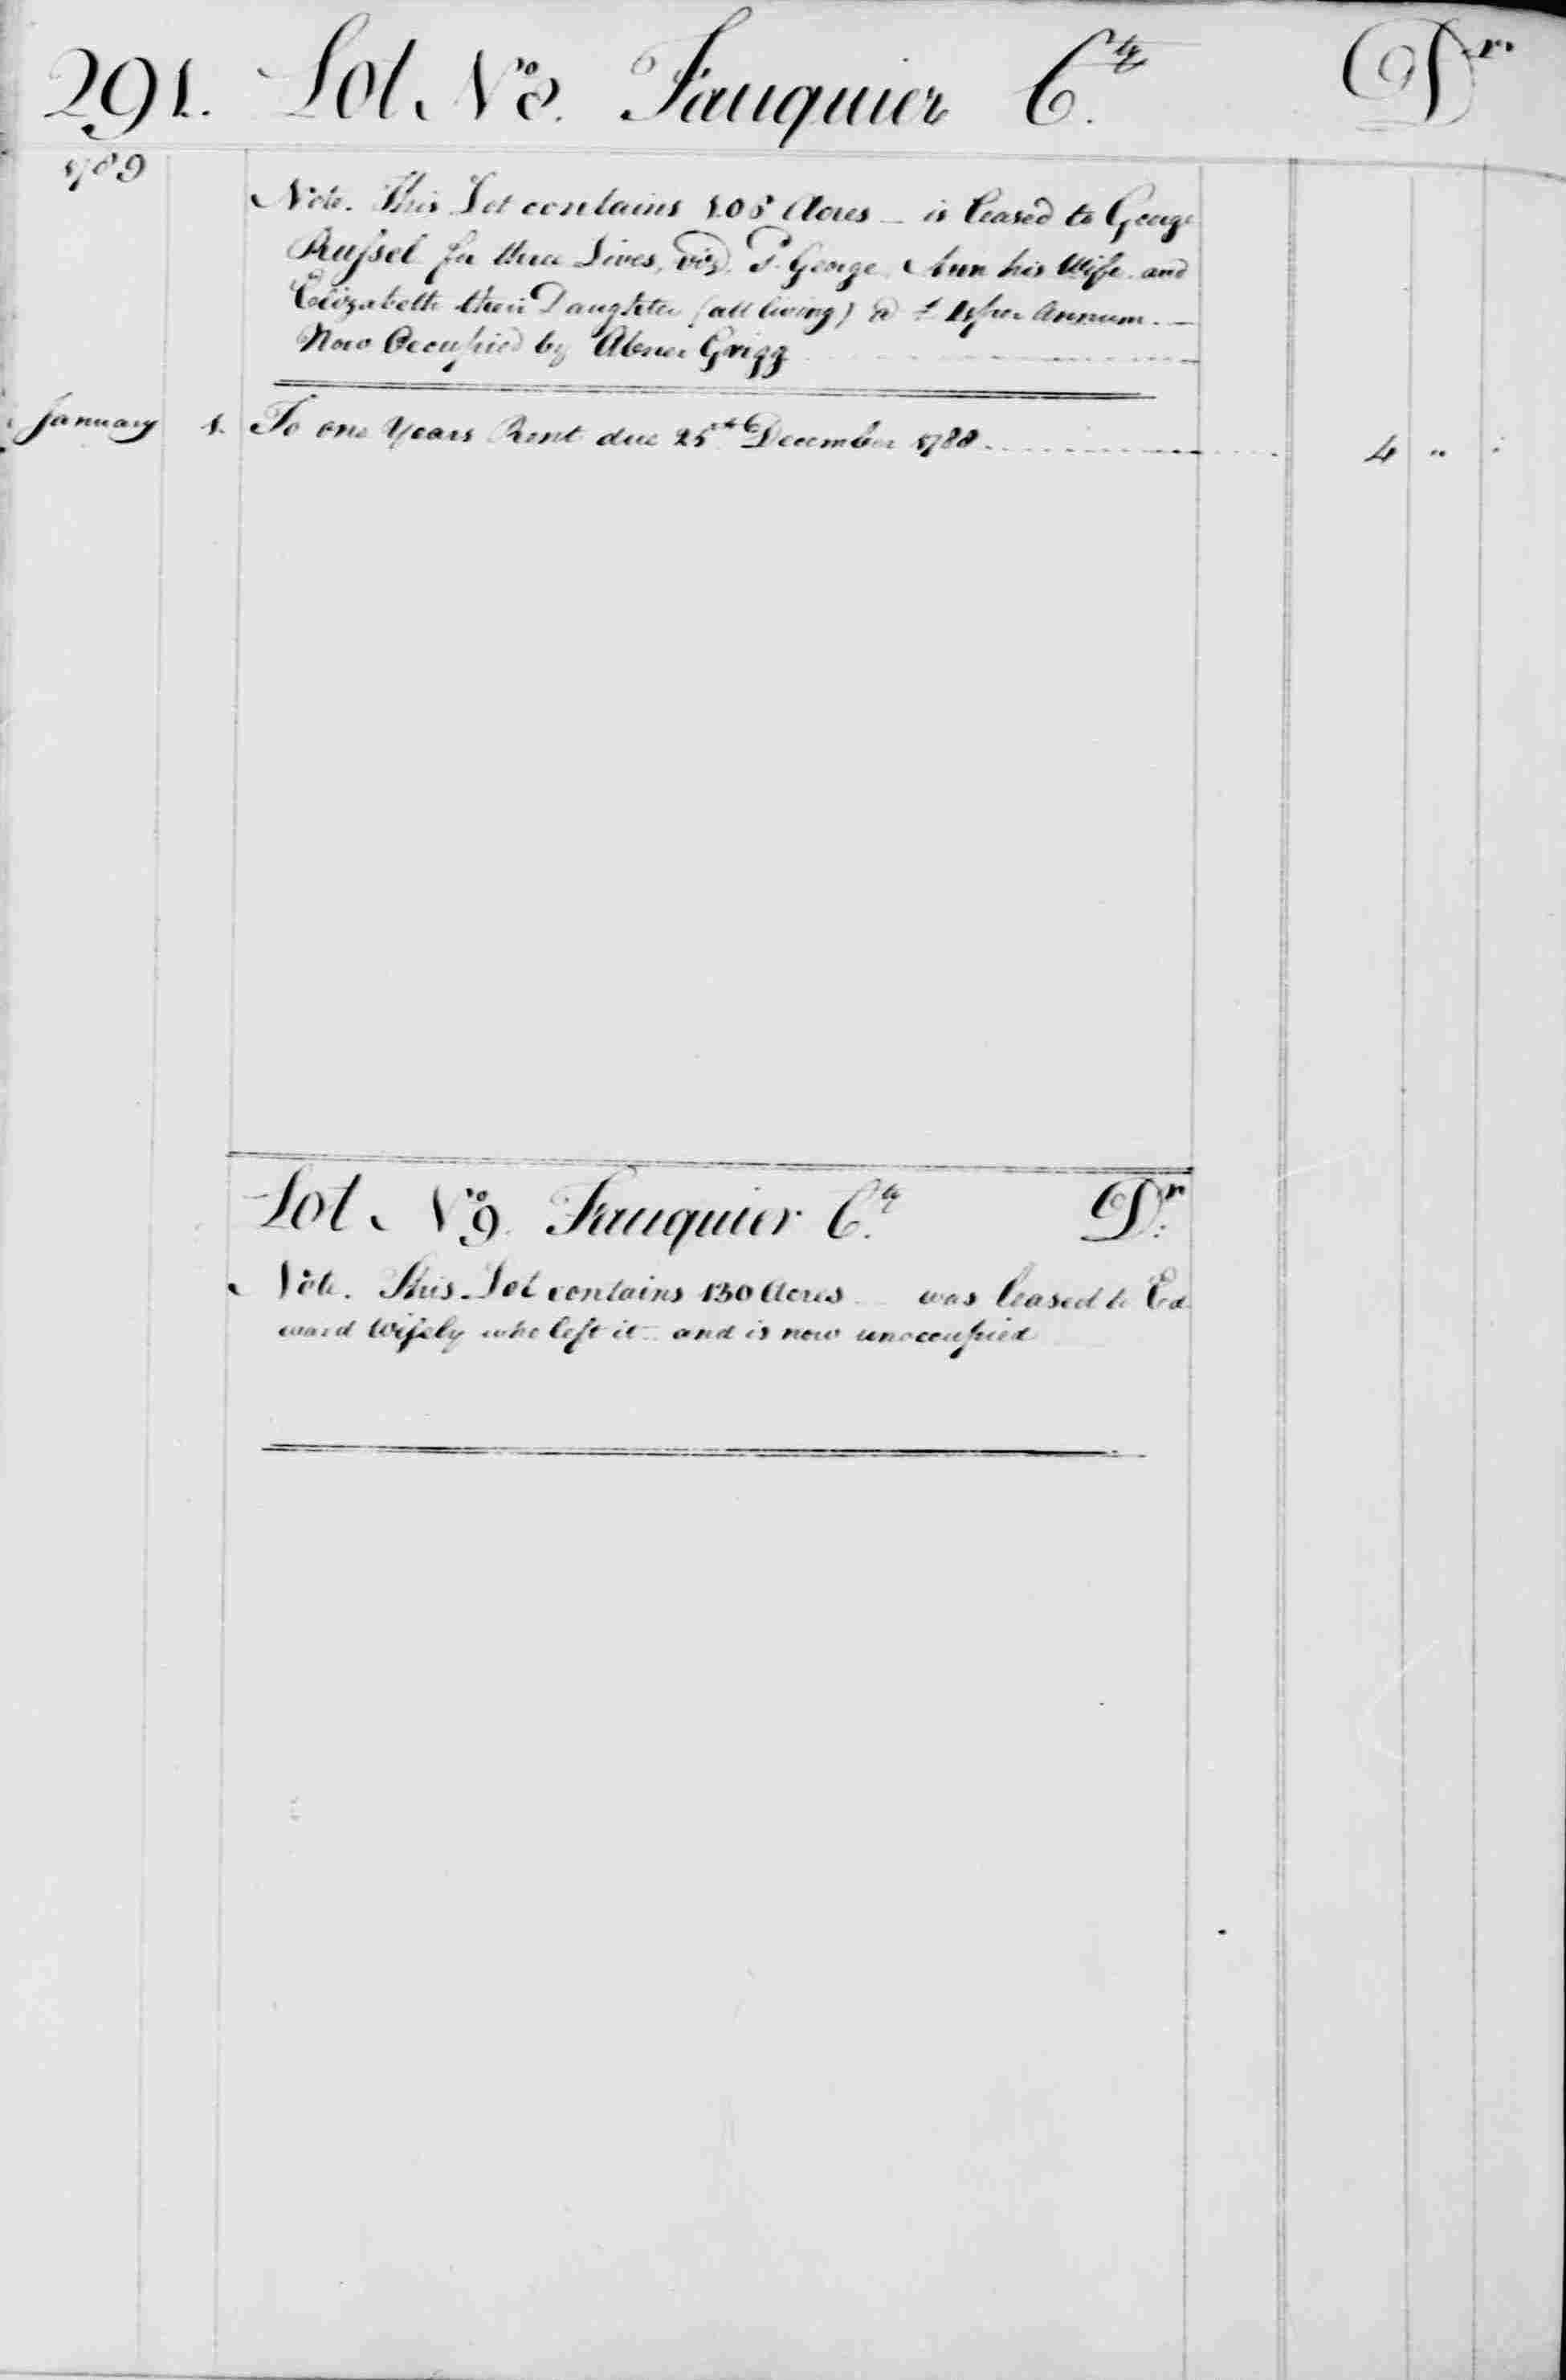 Ledger B, folio 291, left side